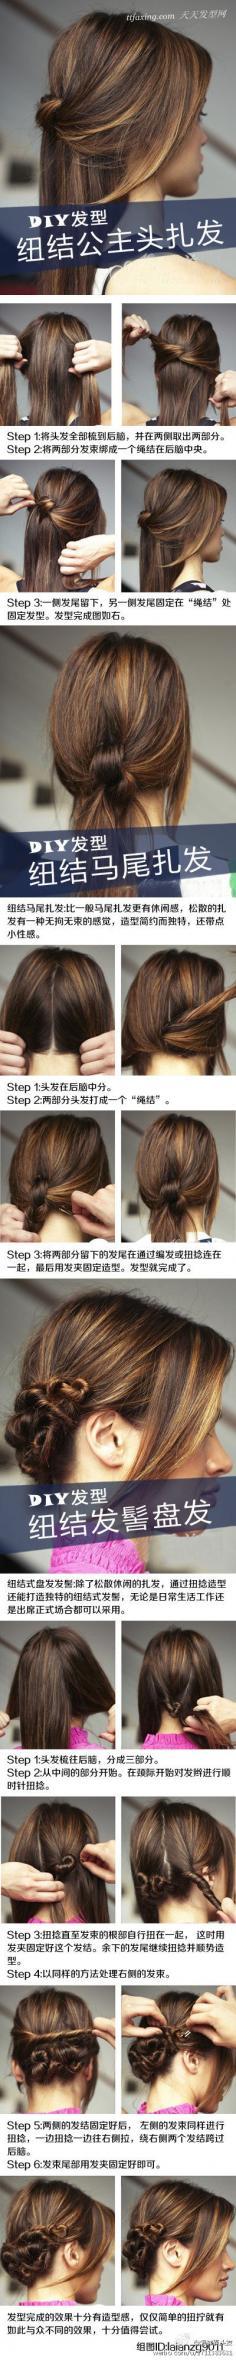 教大家3款纽结式的DIY发型,看上去简约而有心思,演绎最时尚随意